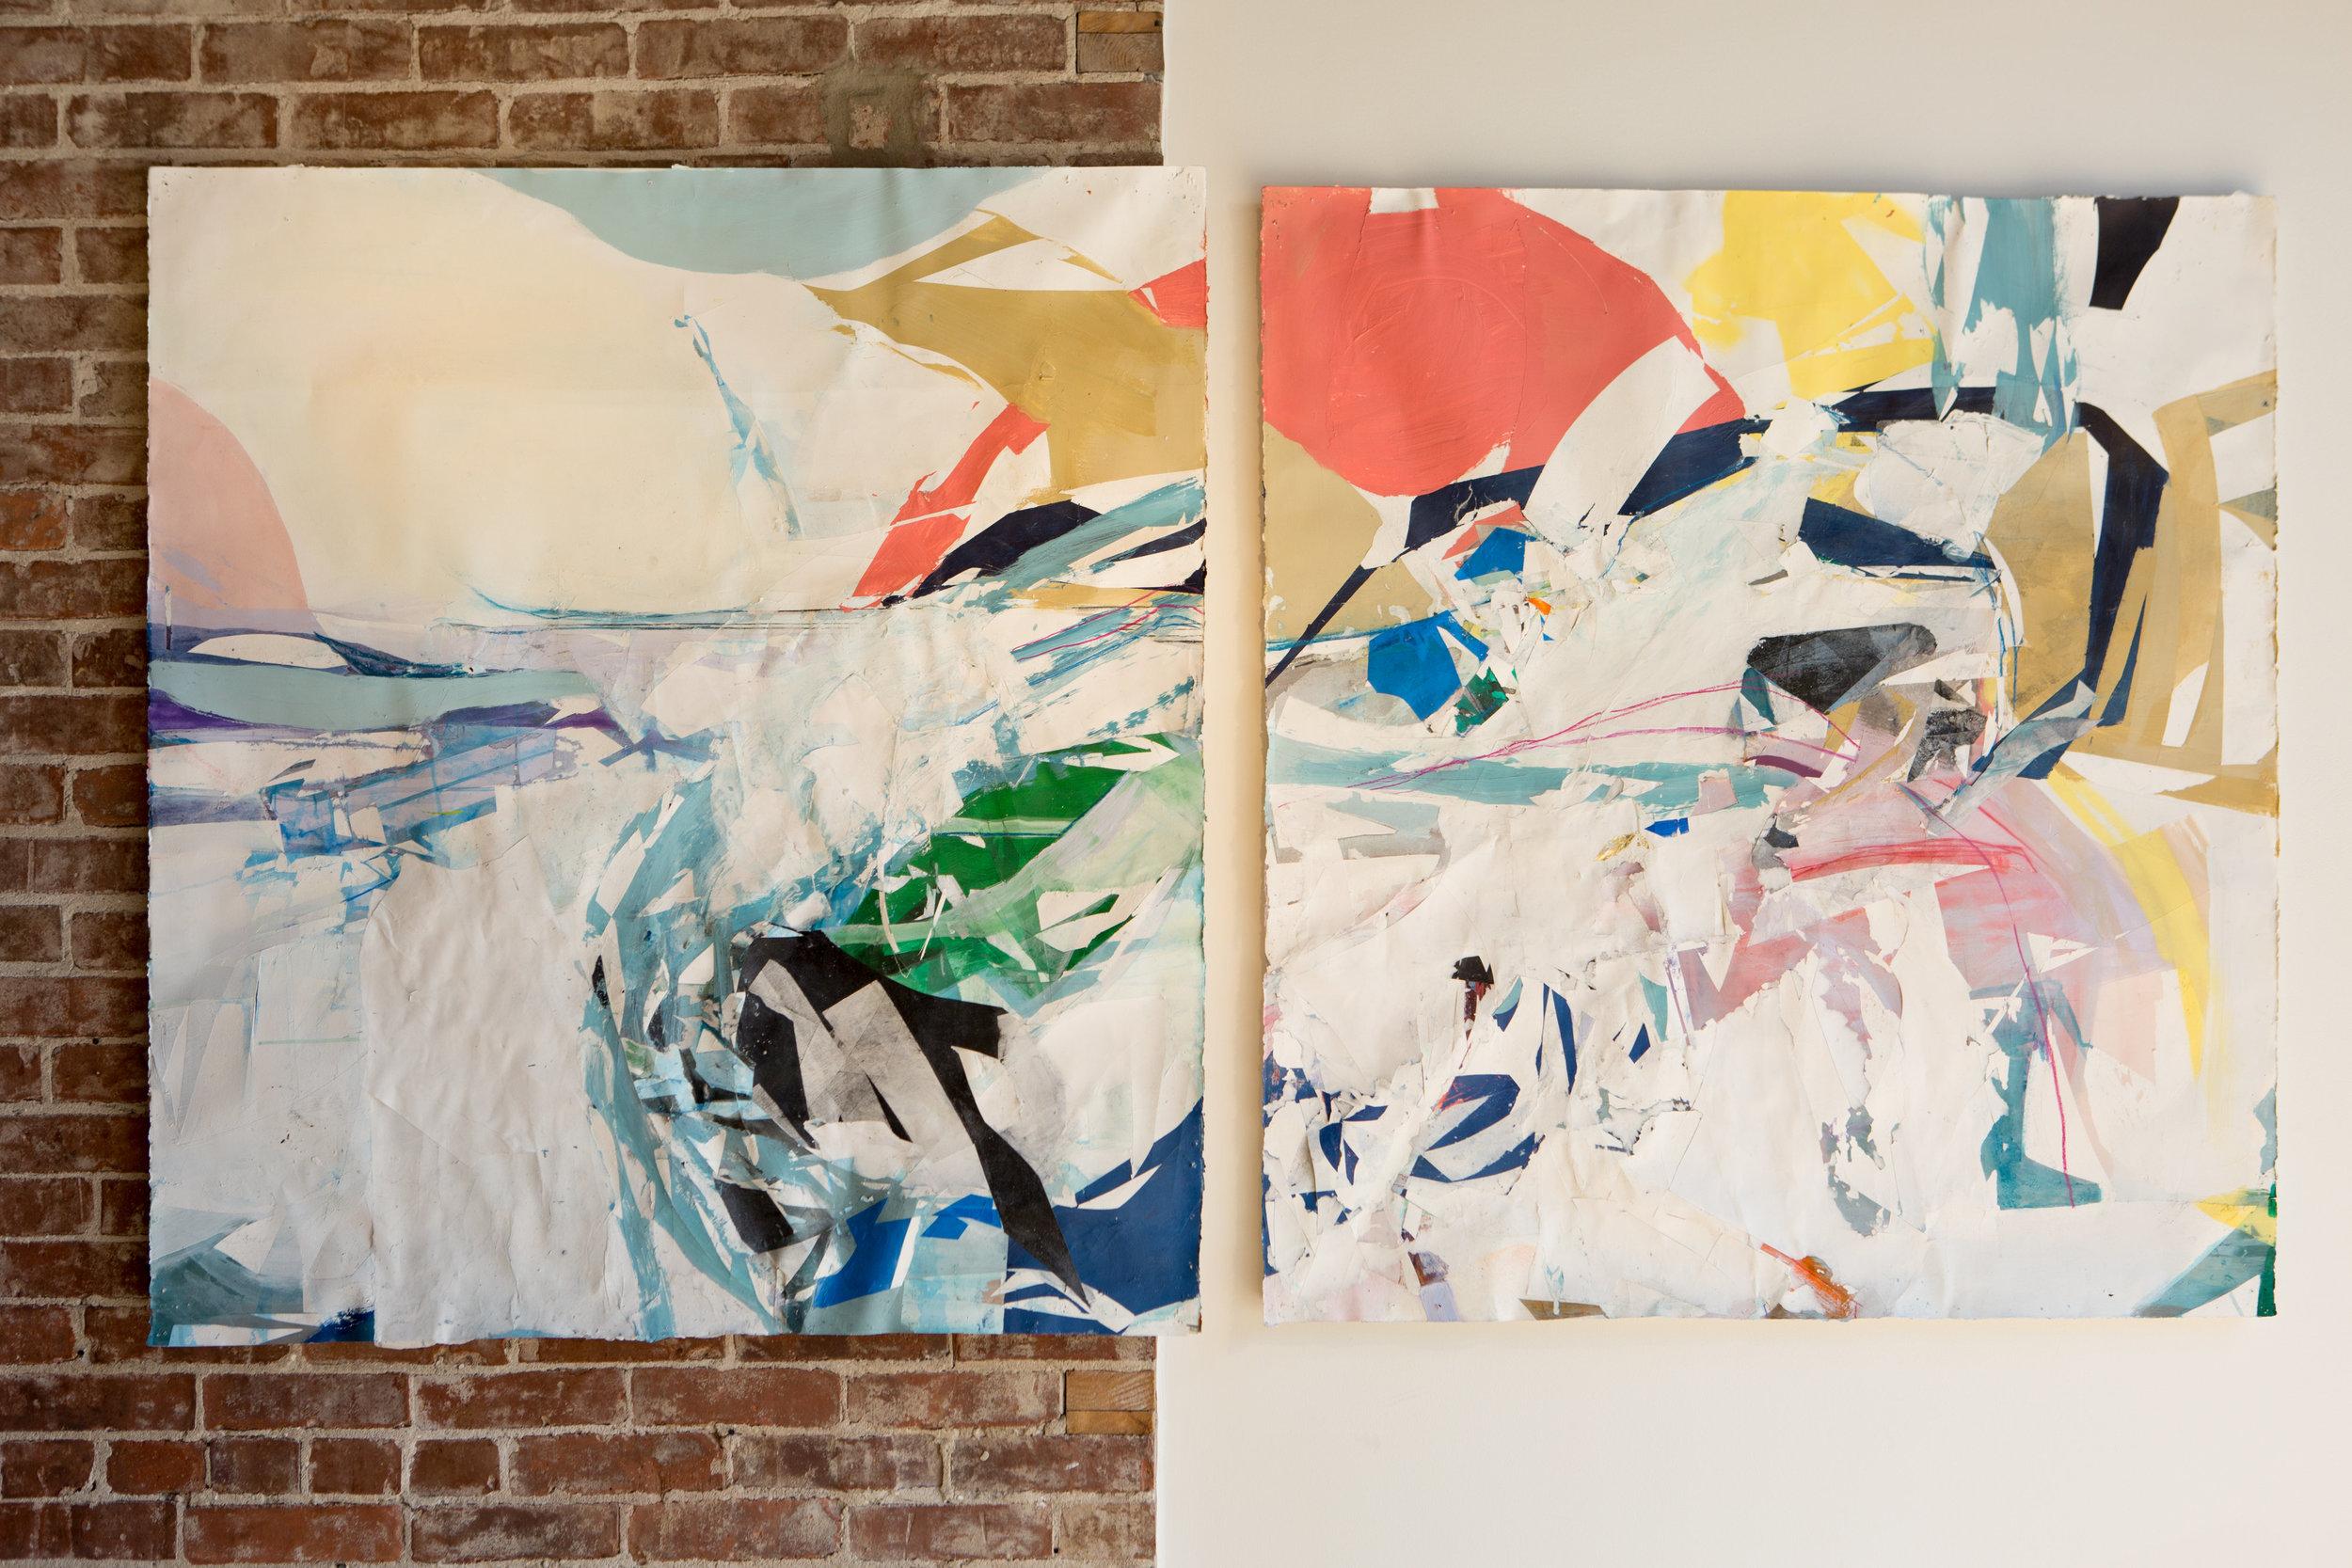 Gallery 924-0026.jpg